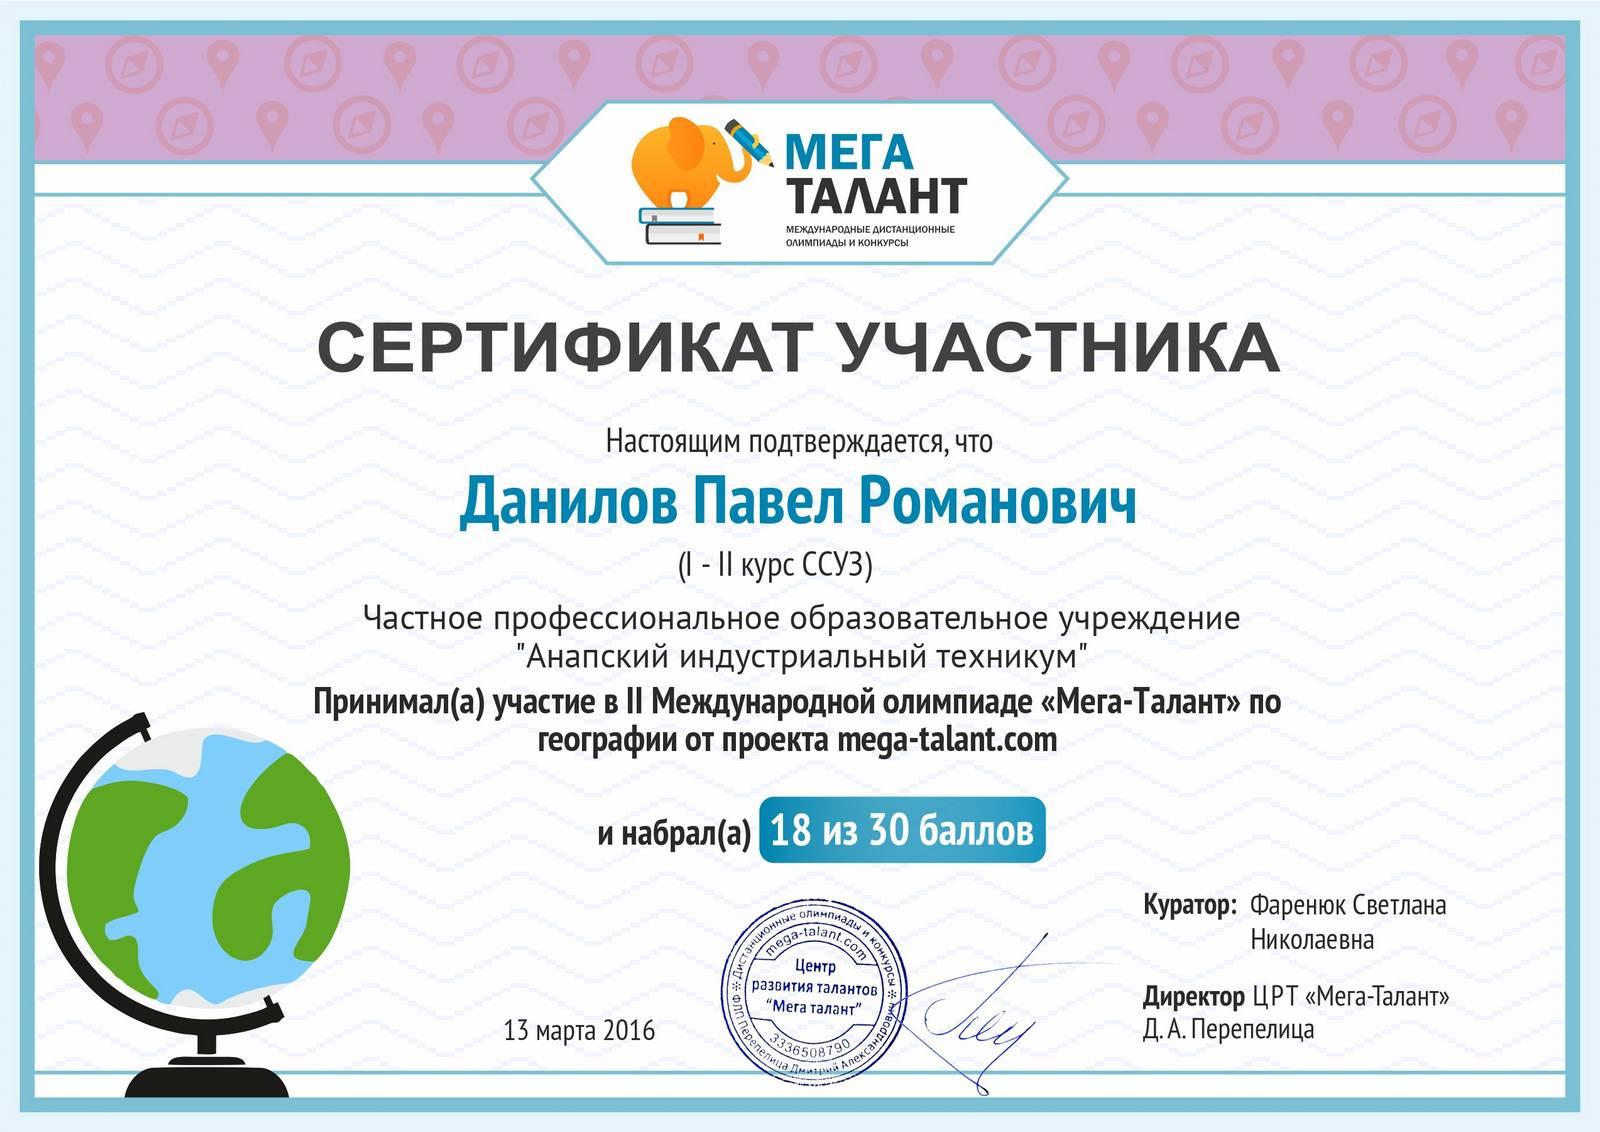 информация провозе конкурс проектов по истории для школьников акционерное общество